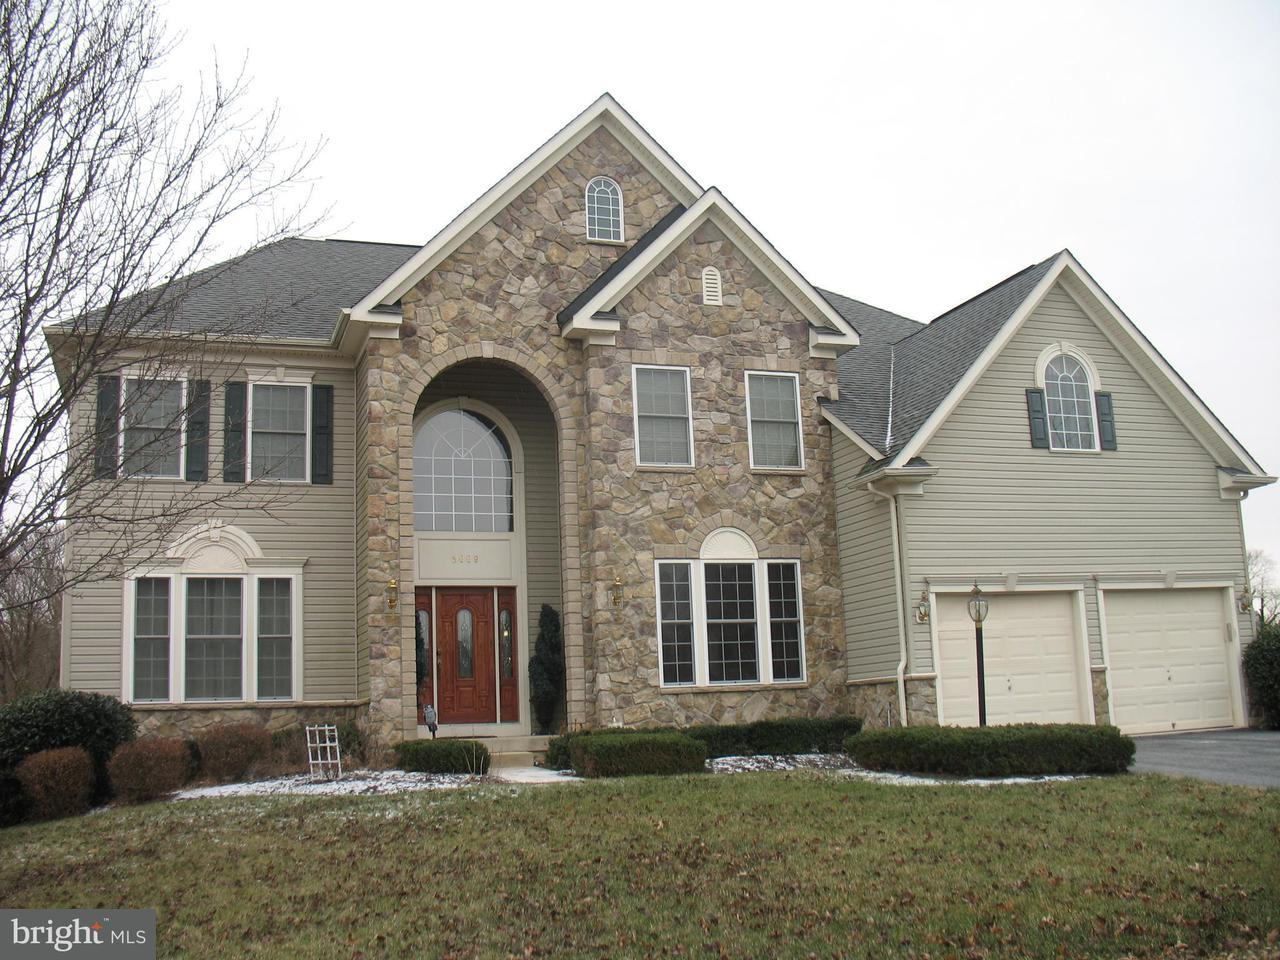 独户住宅 为 销售 在 8009 Pink Azalea Court 8009 Pink Azalea Court Windsor Mill, 马里兰州 21244 美国